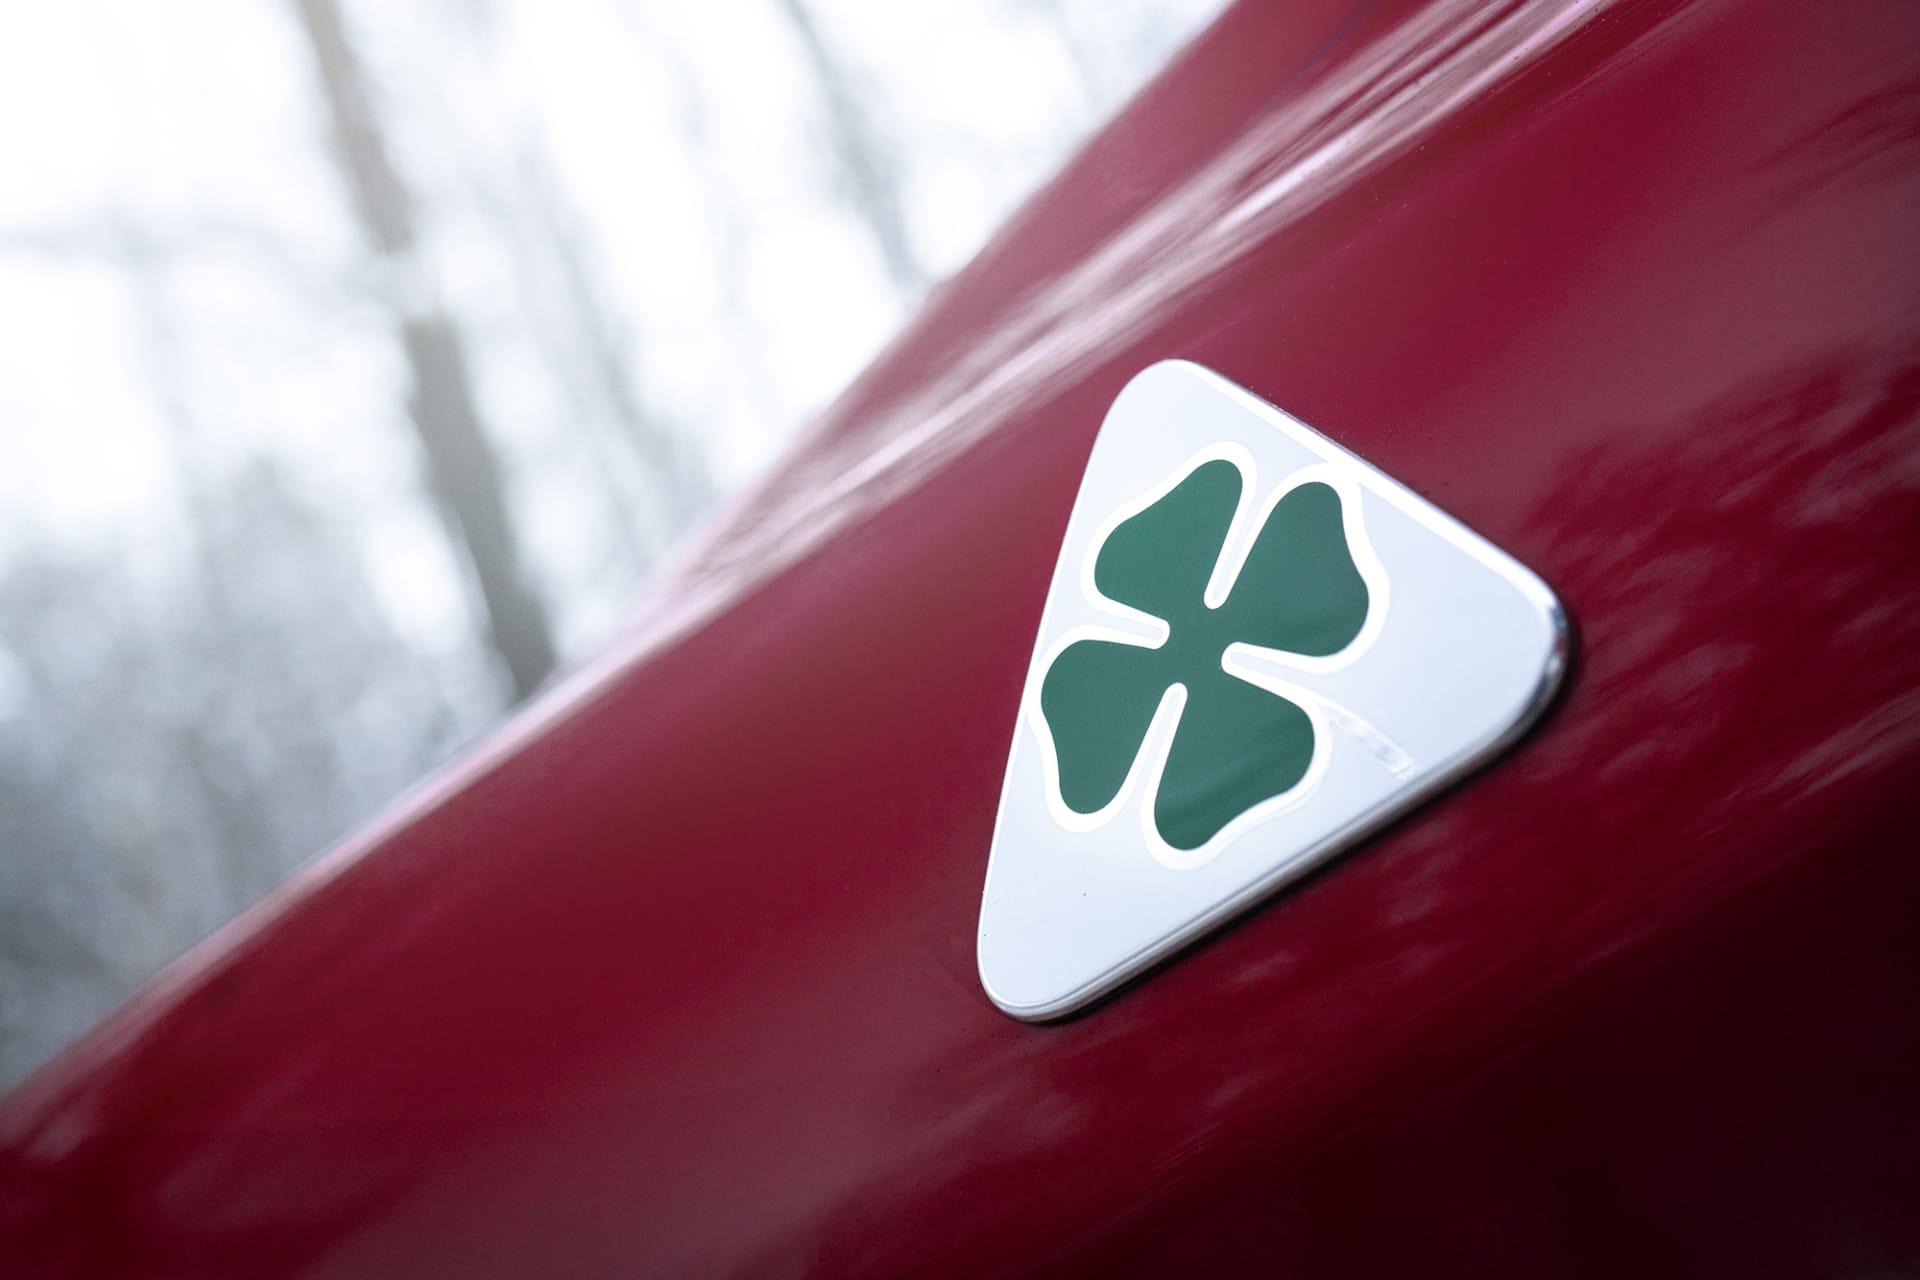 På sidan av bilen sitter fyrklövern som visar att detta inte är en vanlig Alfa Romeo utan en Quadrifoglio.